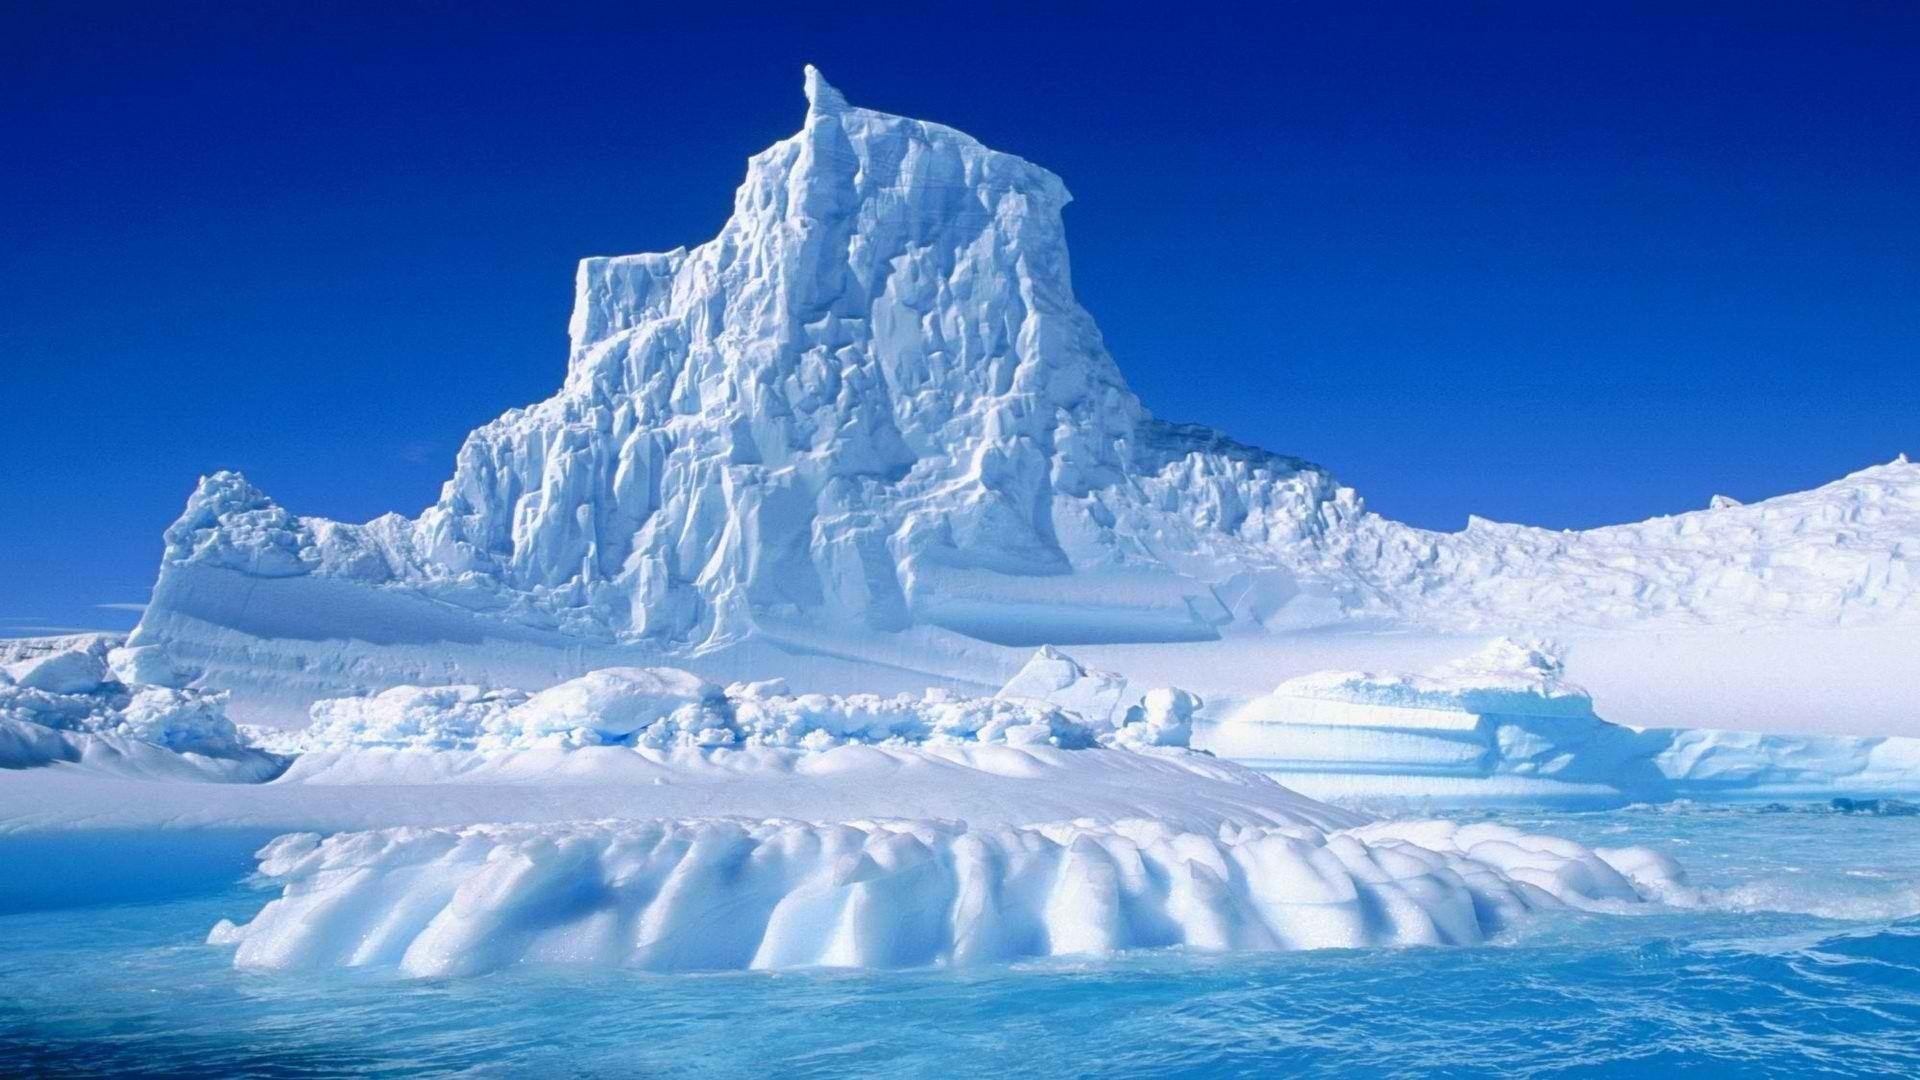 южный полюс зимние фотографии посвятила себя